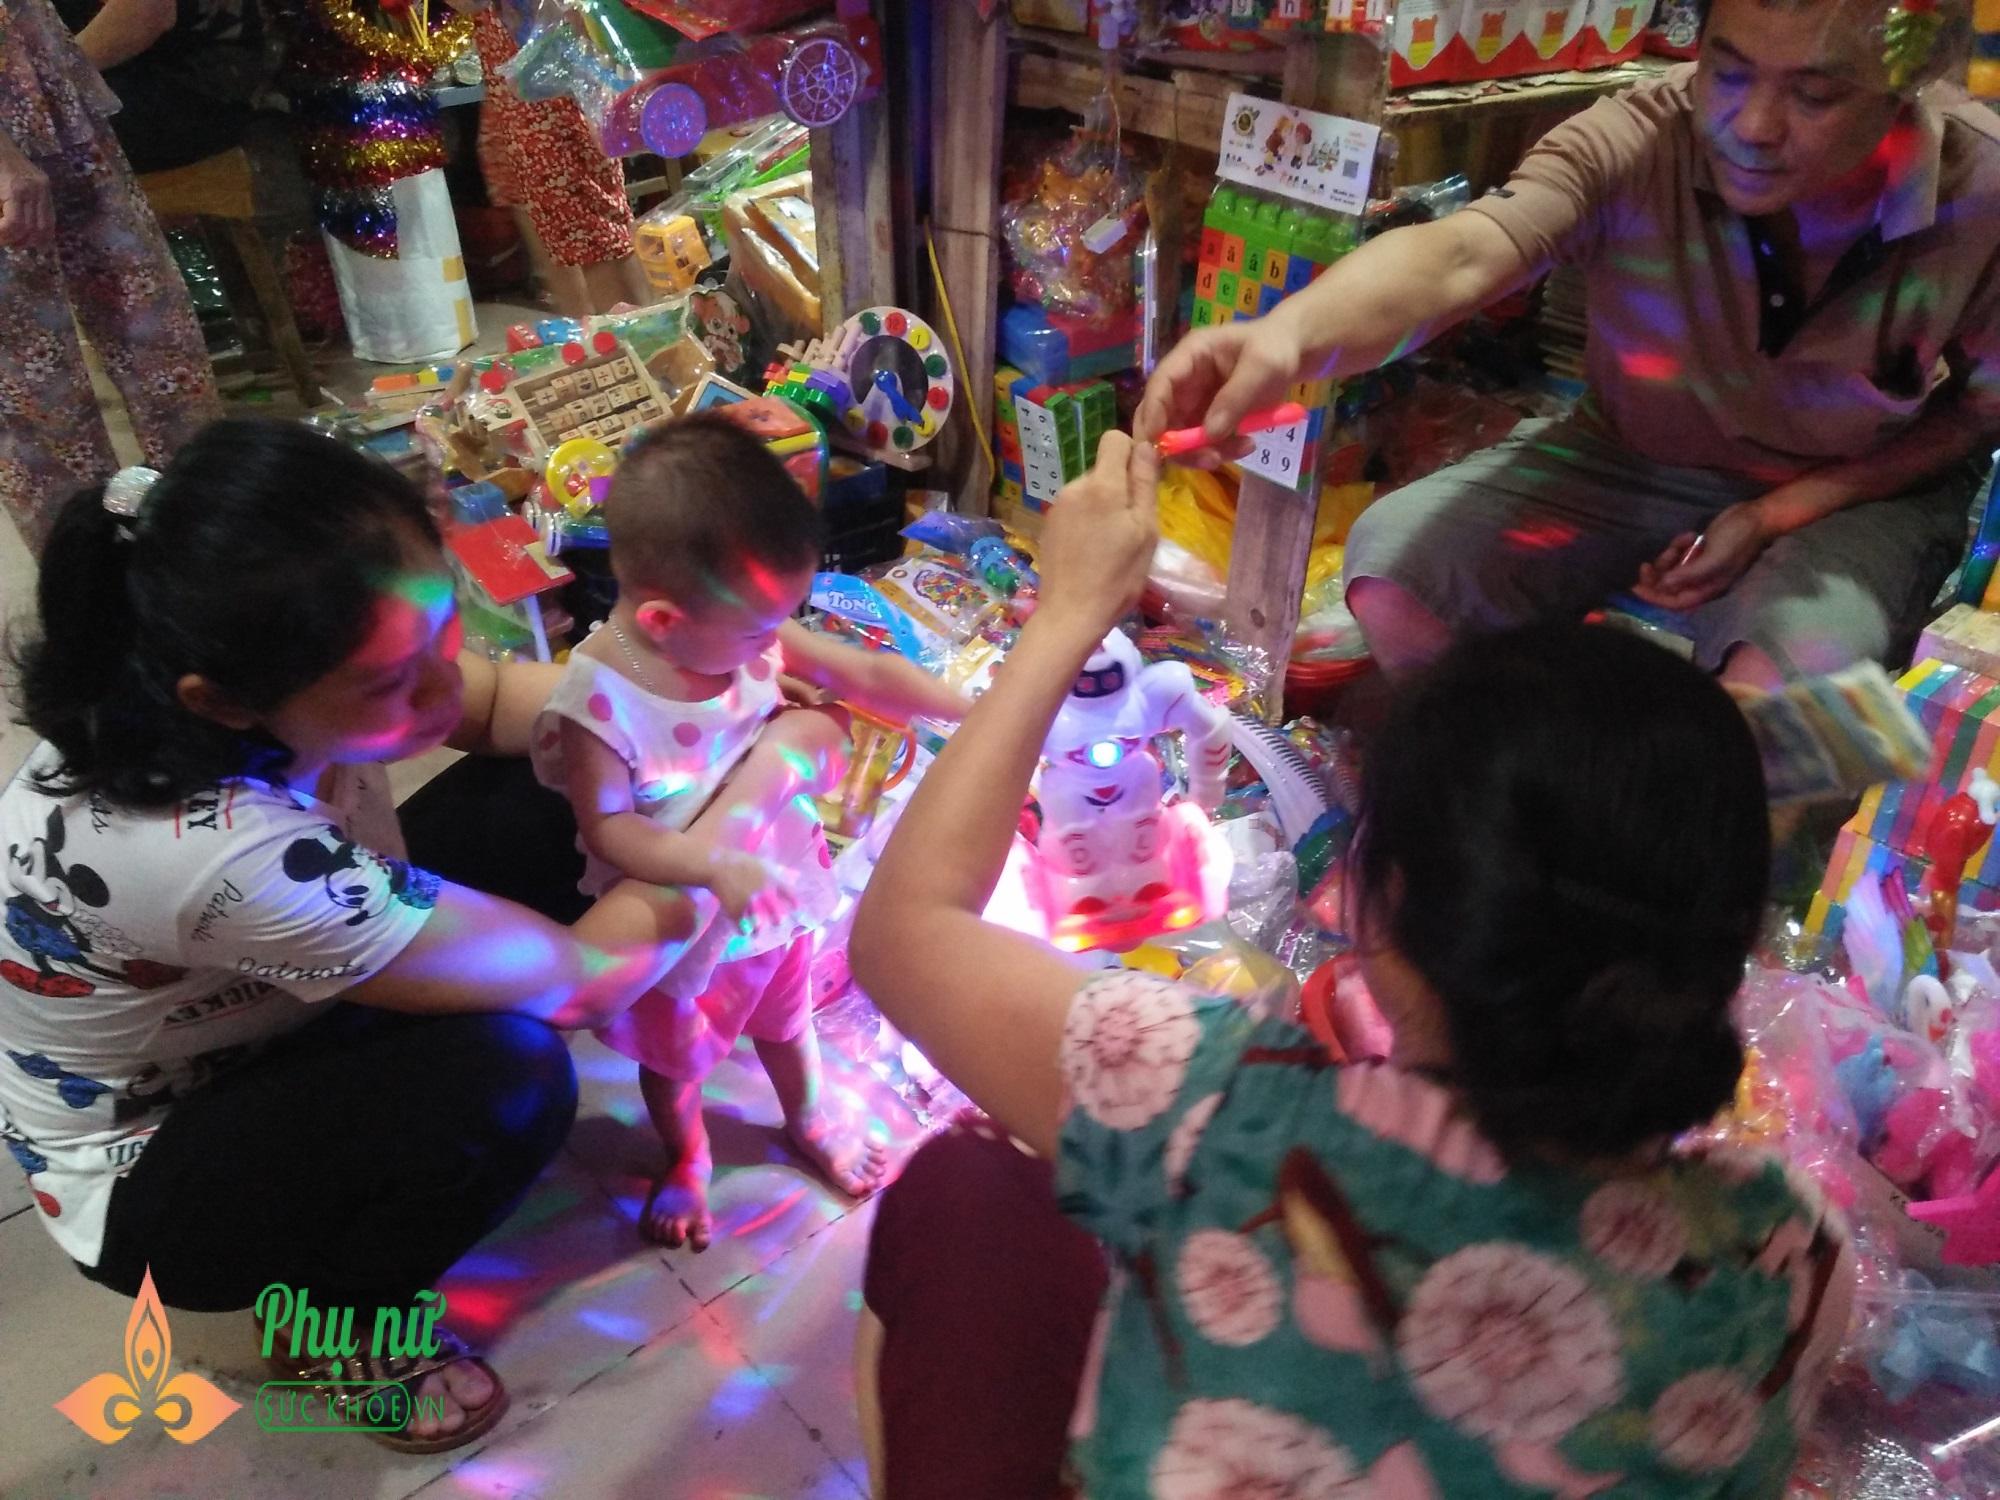 Cha mẹ lo ngại khi mặt nạ lông lá, rùng rợn bán nhan nhản chợ đồ chơi Trung thu - Ảnh 2